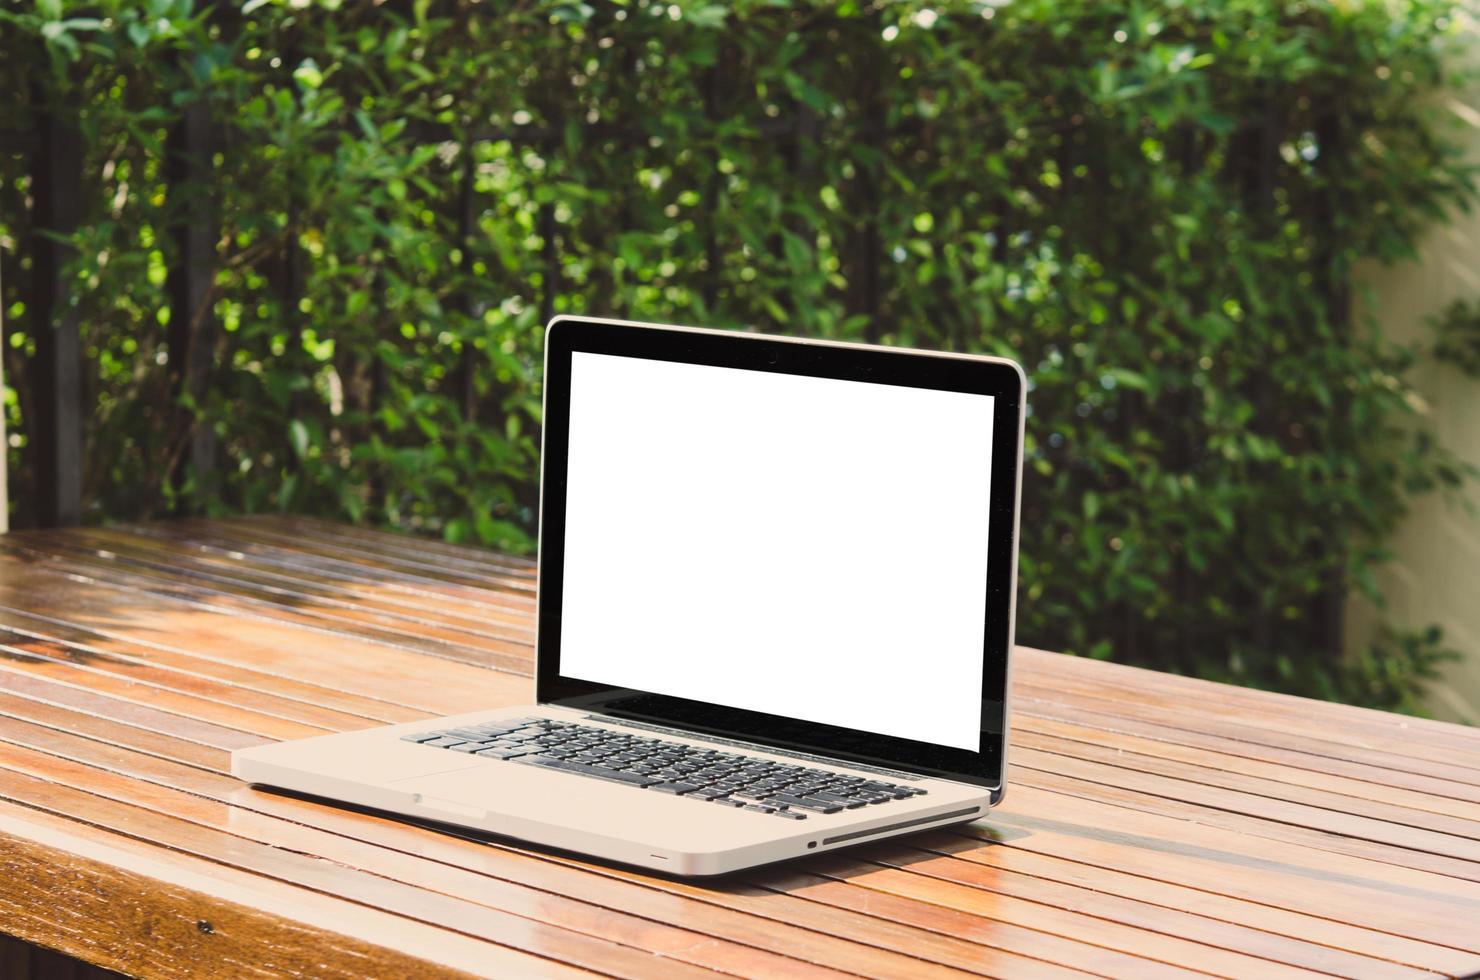 schermo del computer vuoto sulla scrivania all'aperto foto